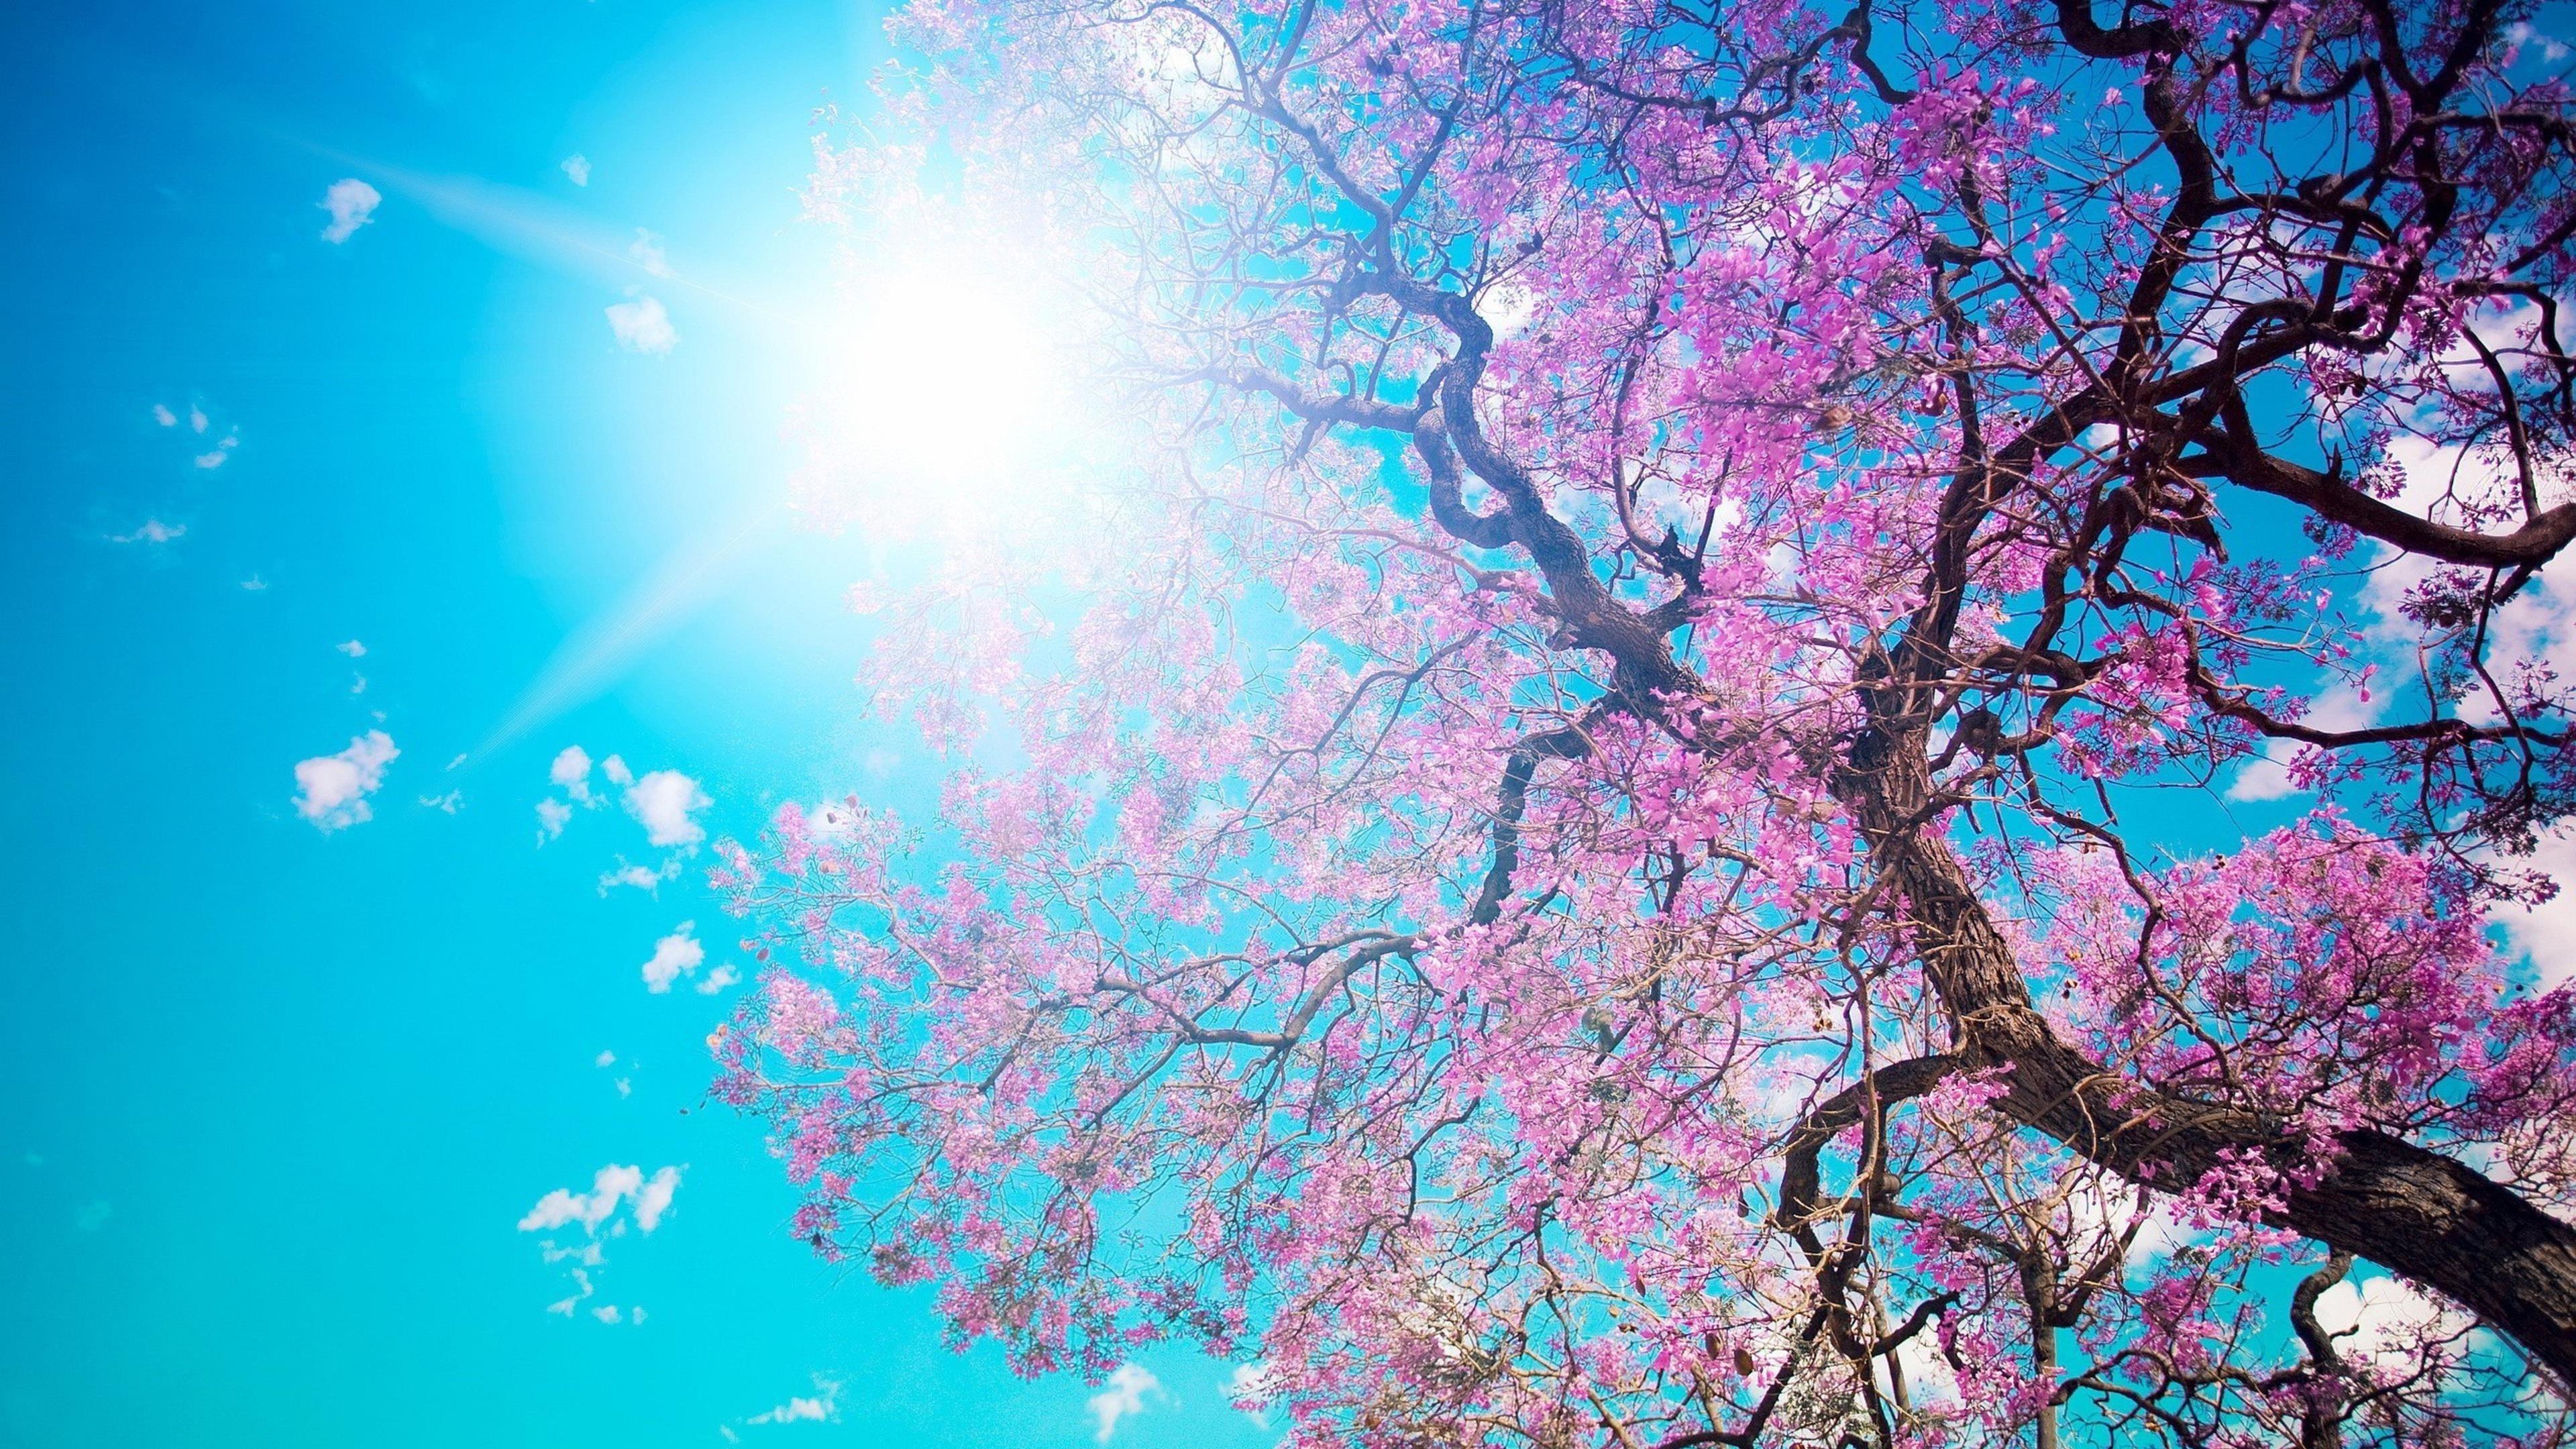 Вишневое цветущее дерево под голубым небом солнечный луч природа обои скачать